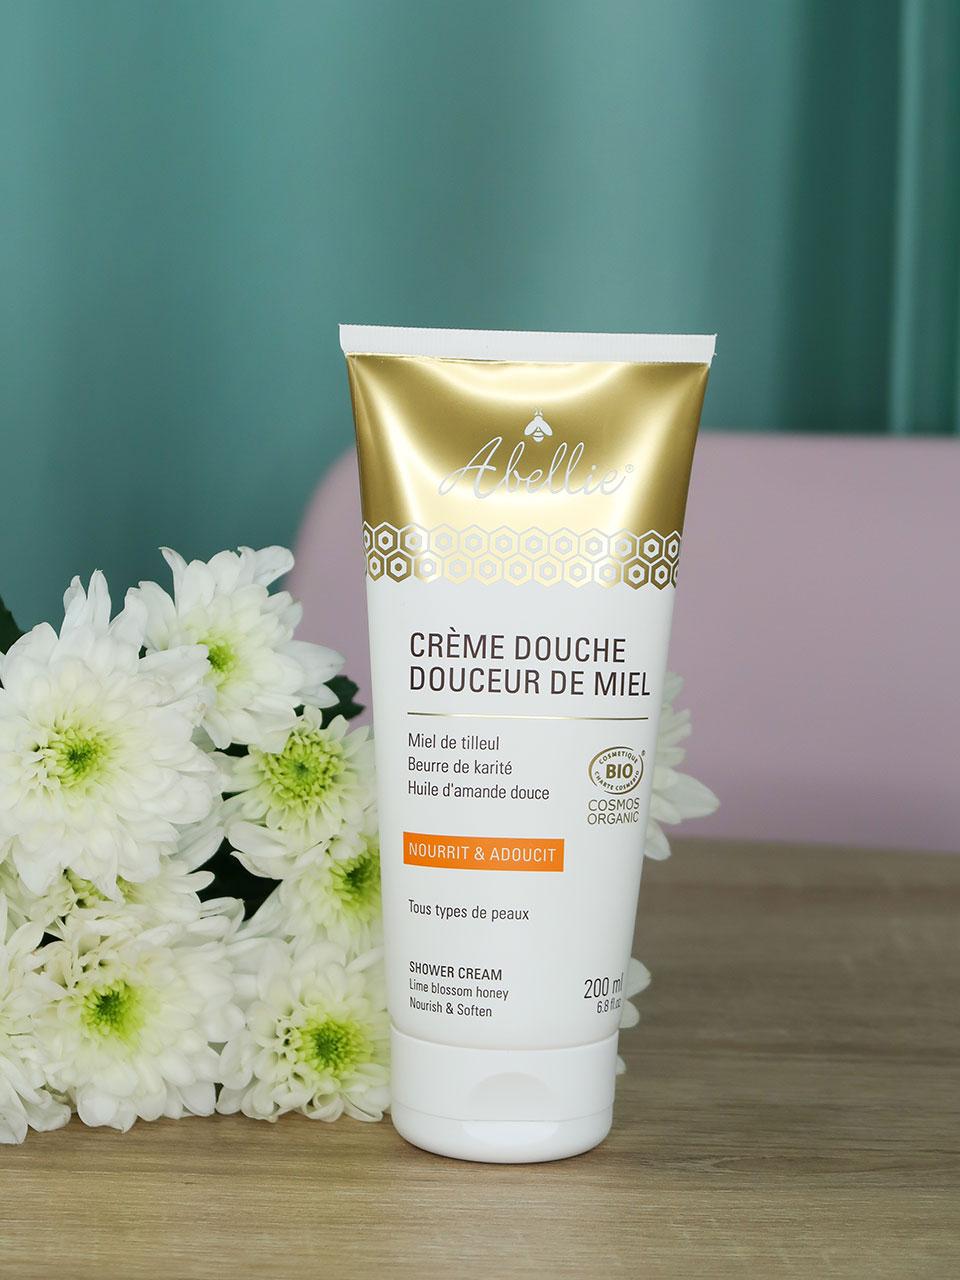 Crème Douche Douceur de Miel, Abellie.